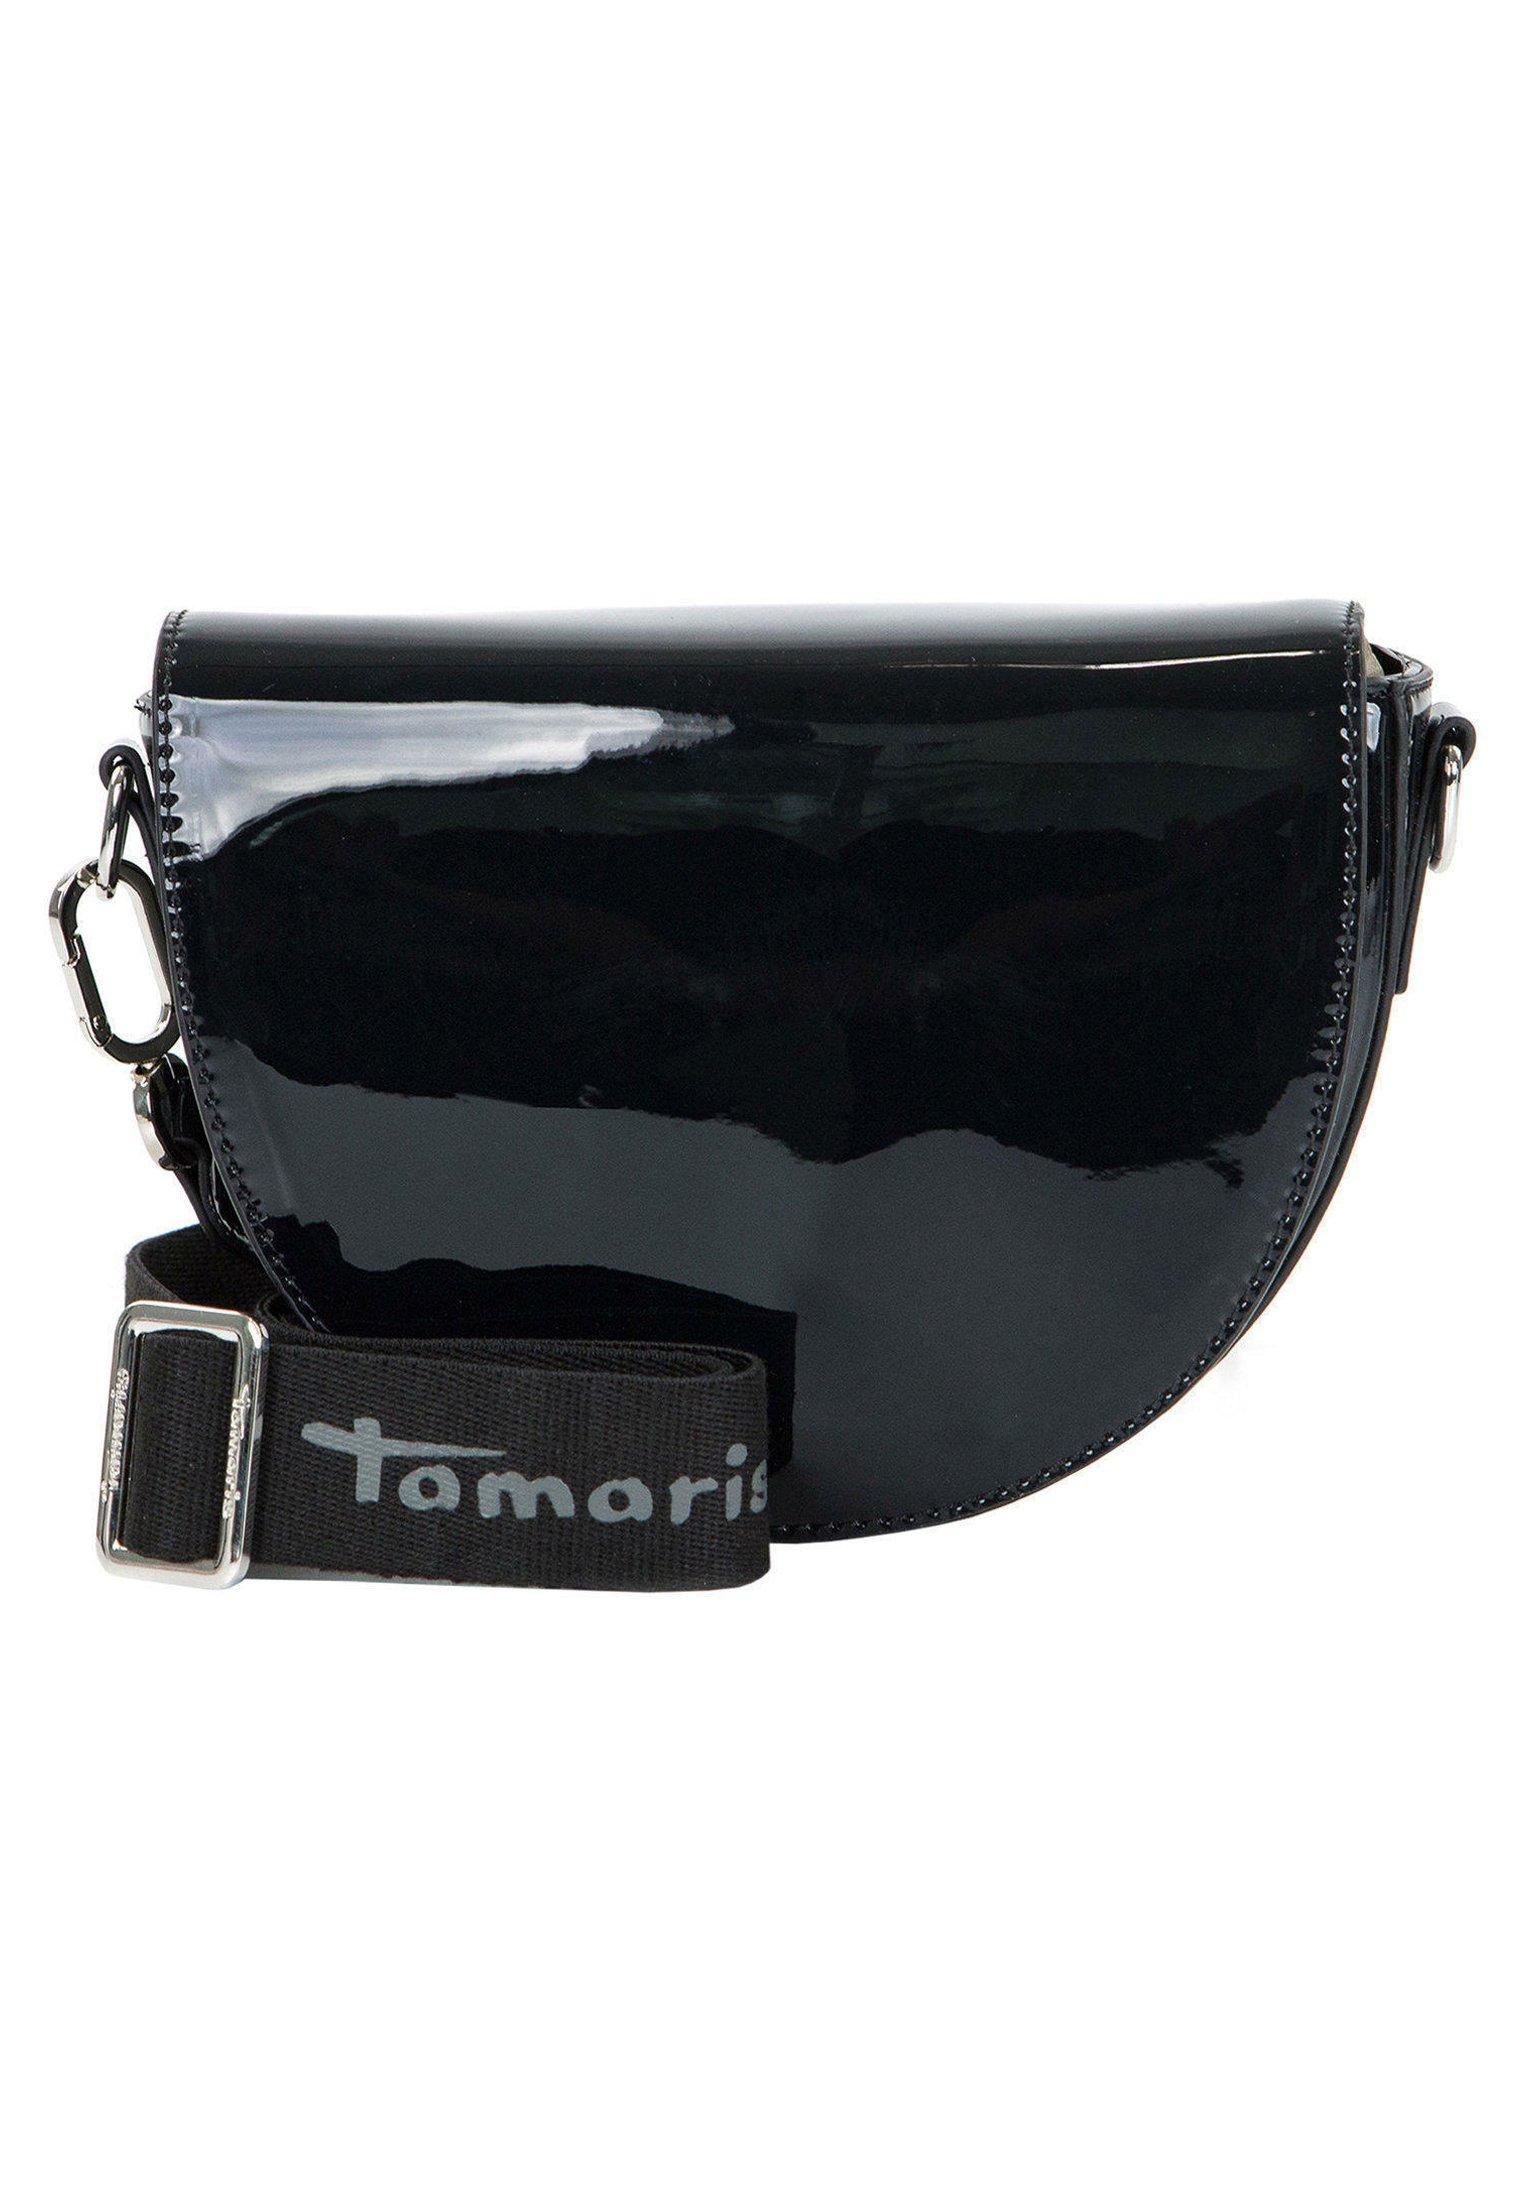 Tamaris Bea - Umhängetasche Black-lack 199/schwarz